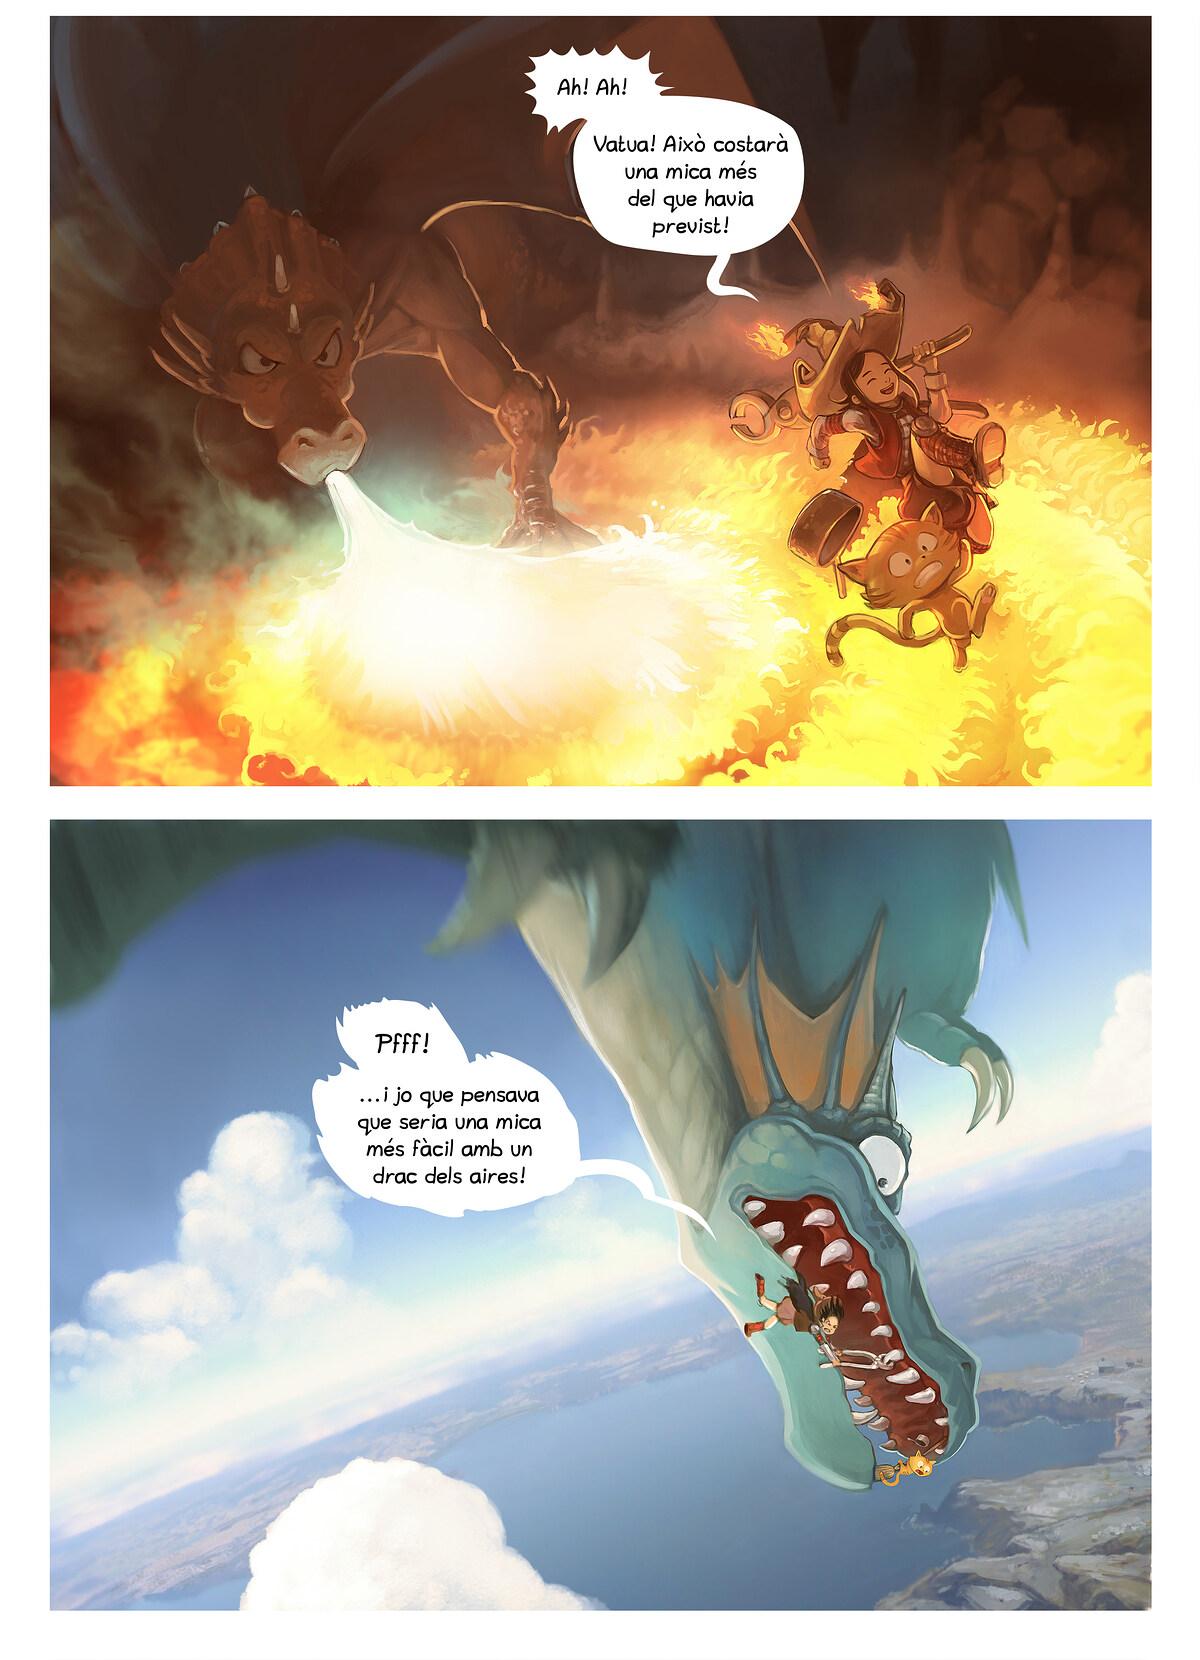 A webcomic page of Pepper&Carrot, episodi 14 [ca], pàgina 3